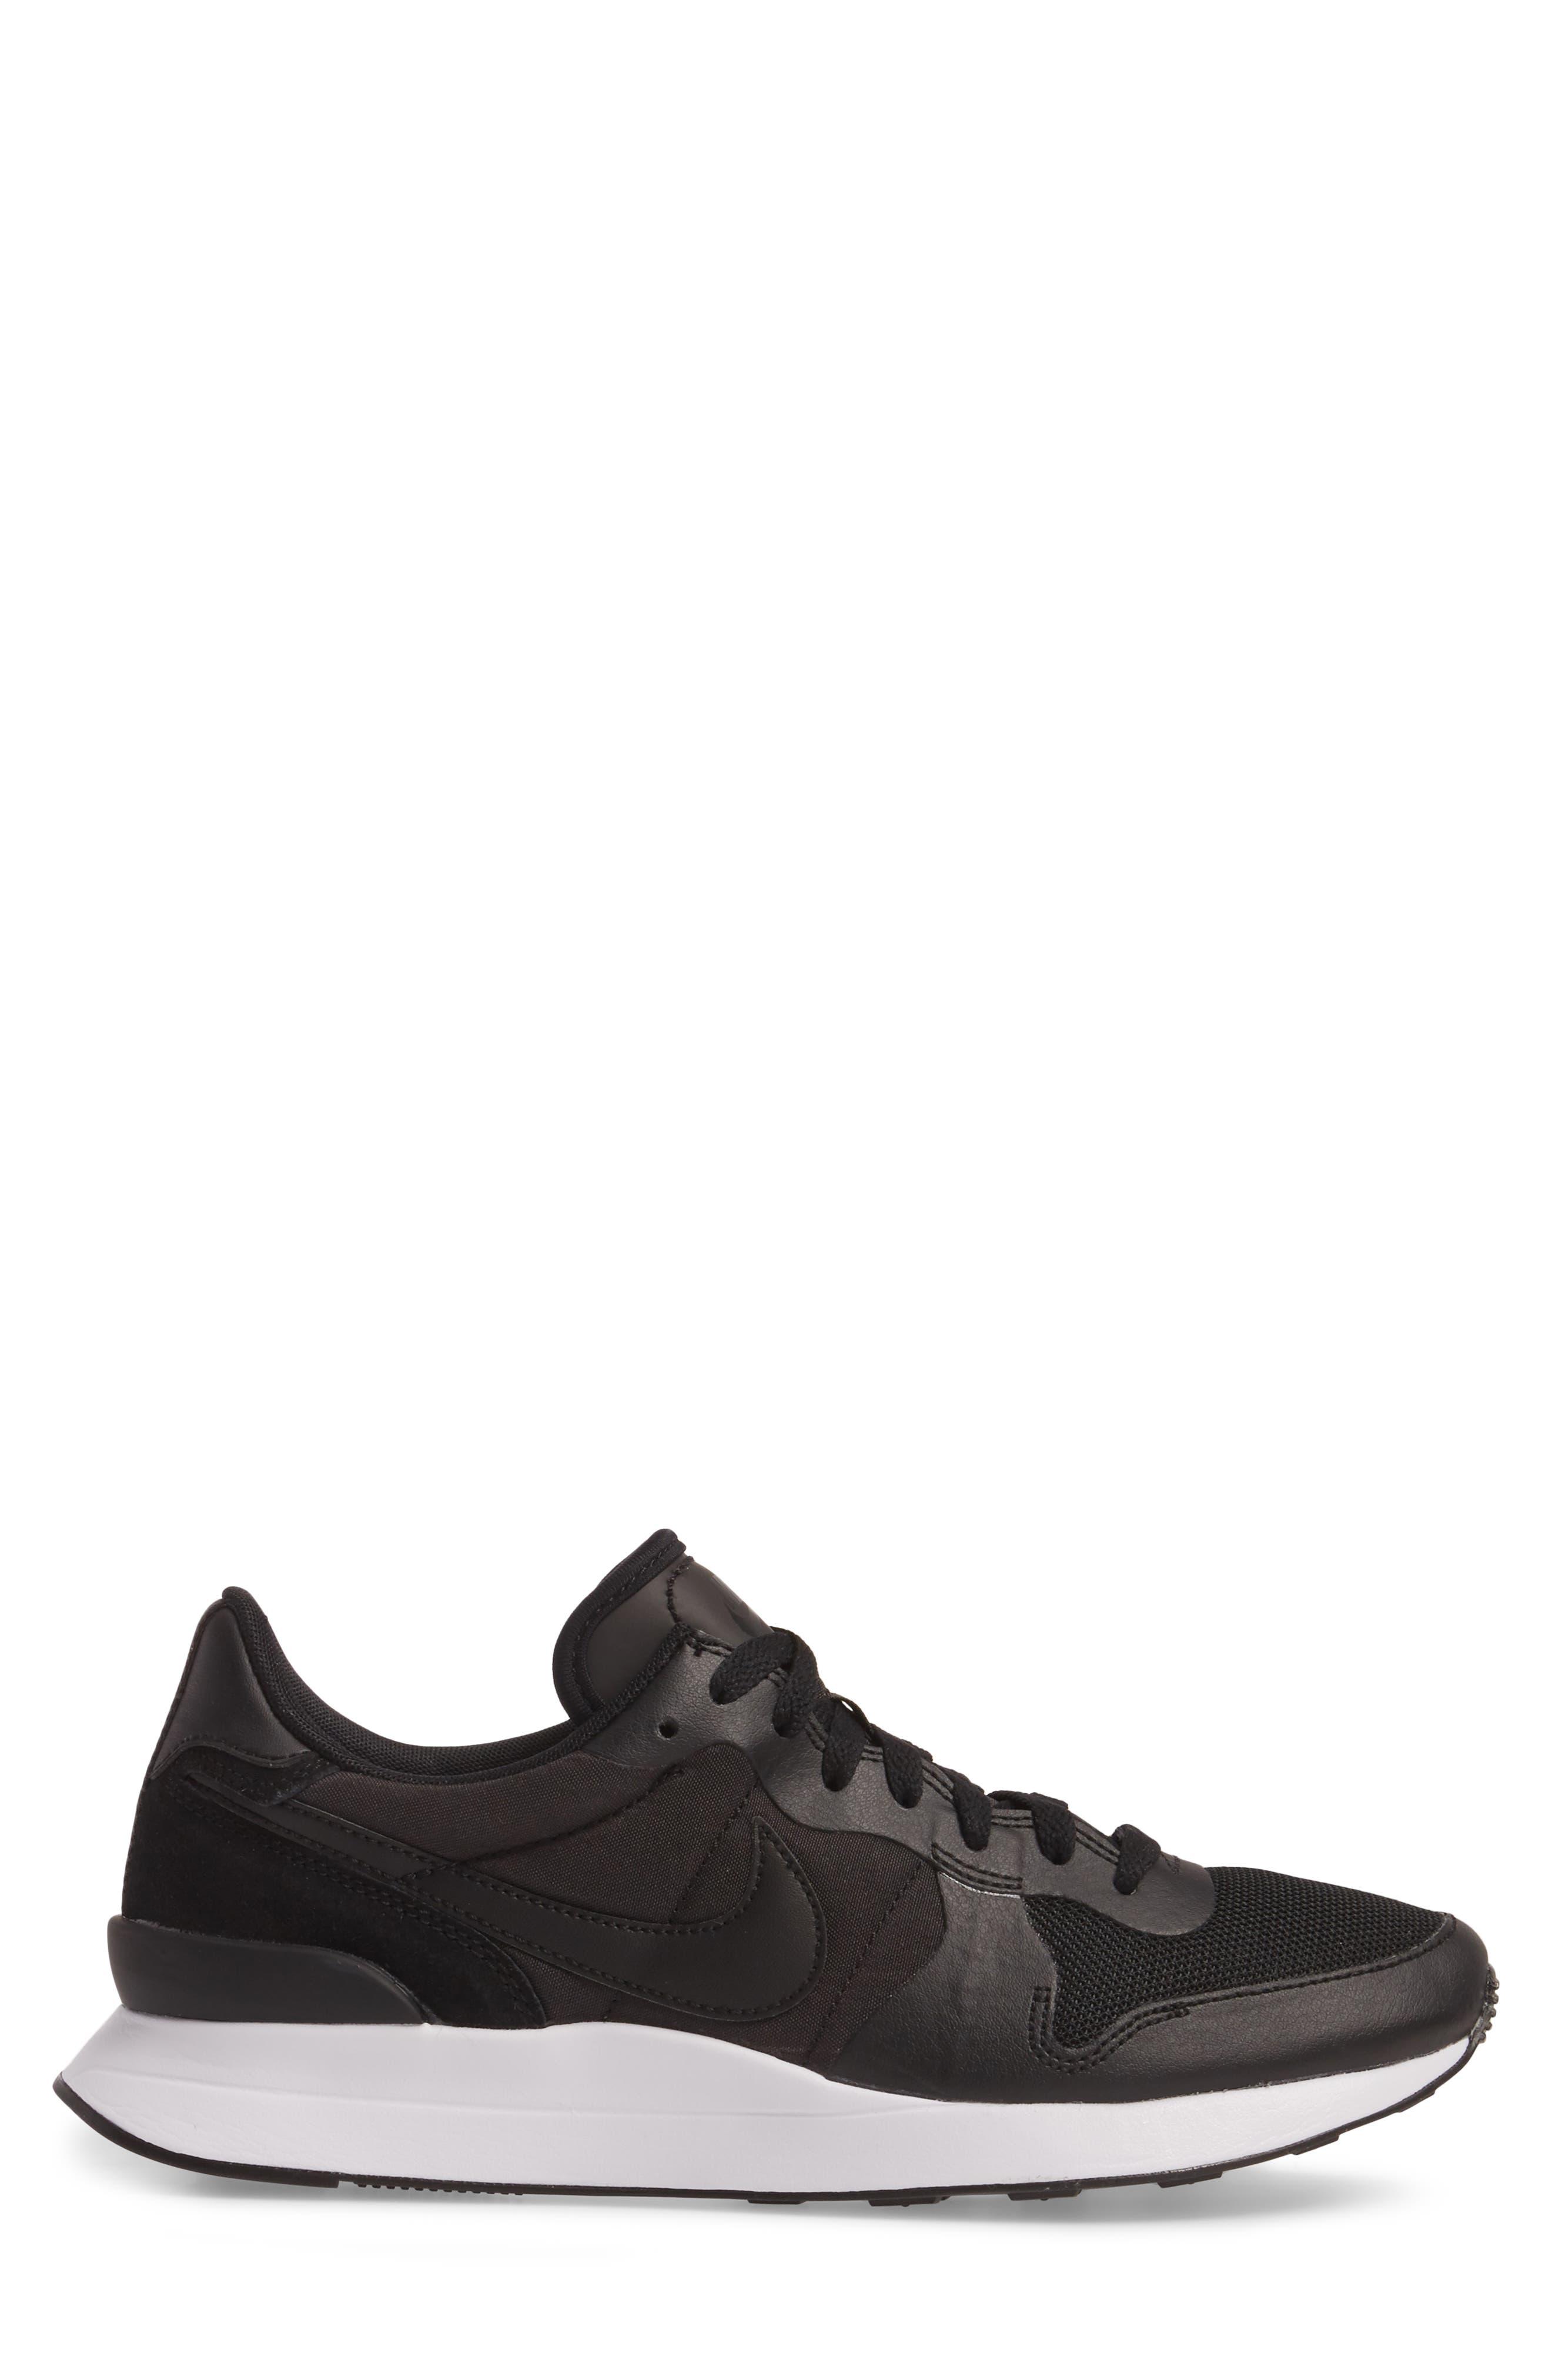 Internationalist LT17 Sneaker,                             Alternate thumbnail 3, color,                             Black/ Black/ White